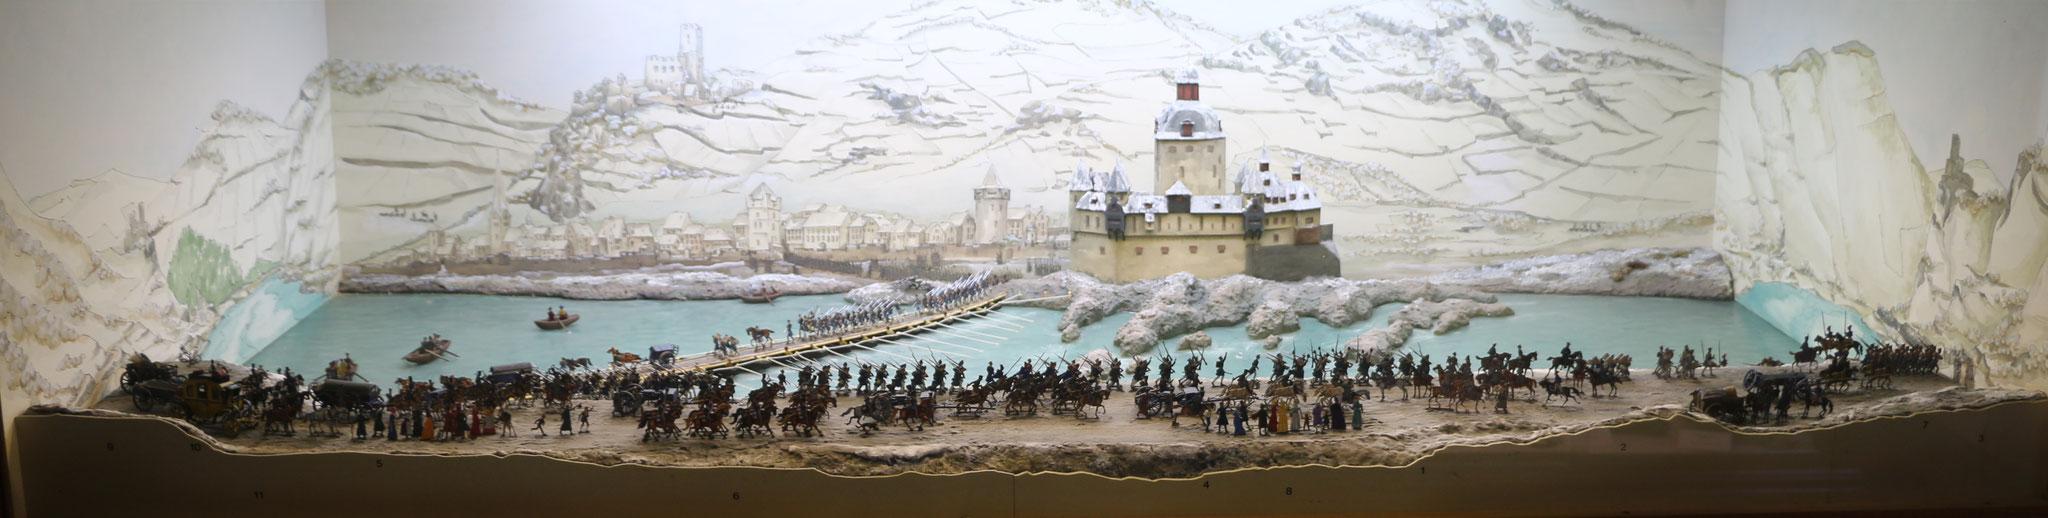 Rheinübergang der Preussischen, Schlesischen und Russischen Truppen am 2. Januar 1814